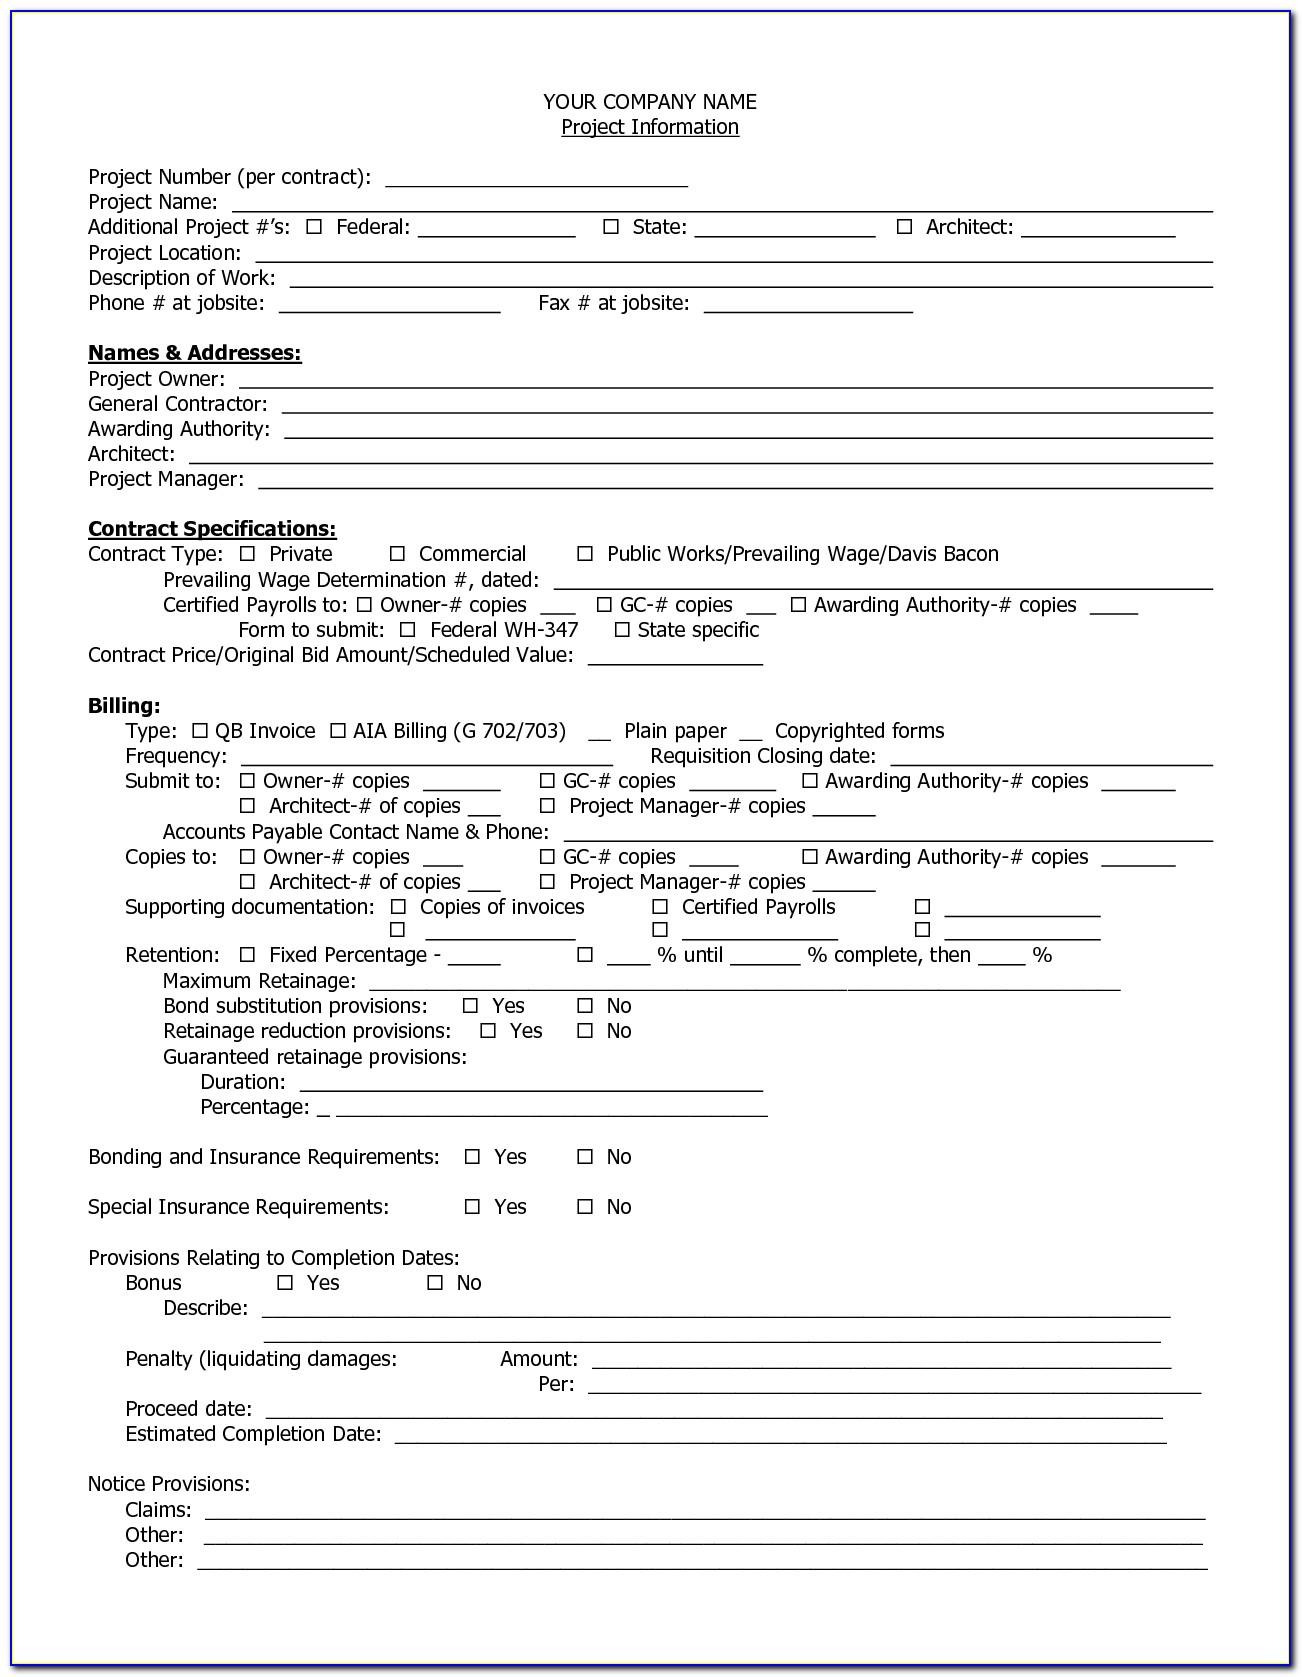 Aia Invoice Form Aia Invoice Form